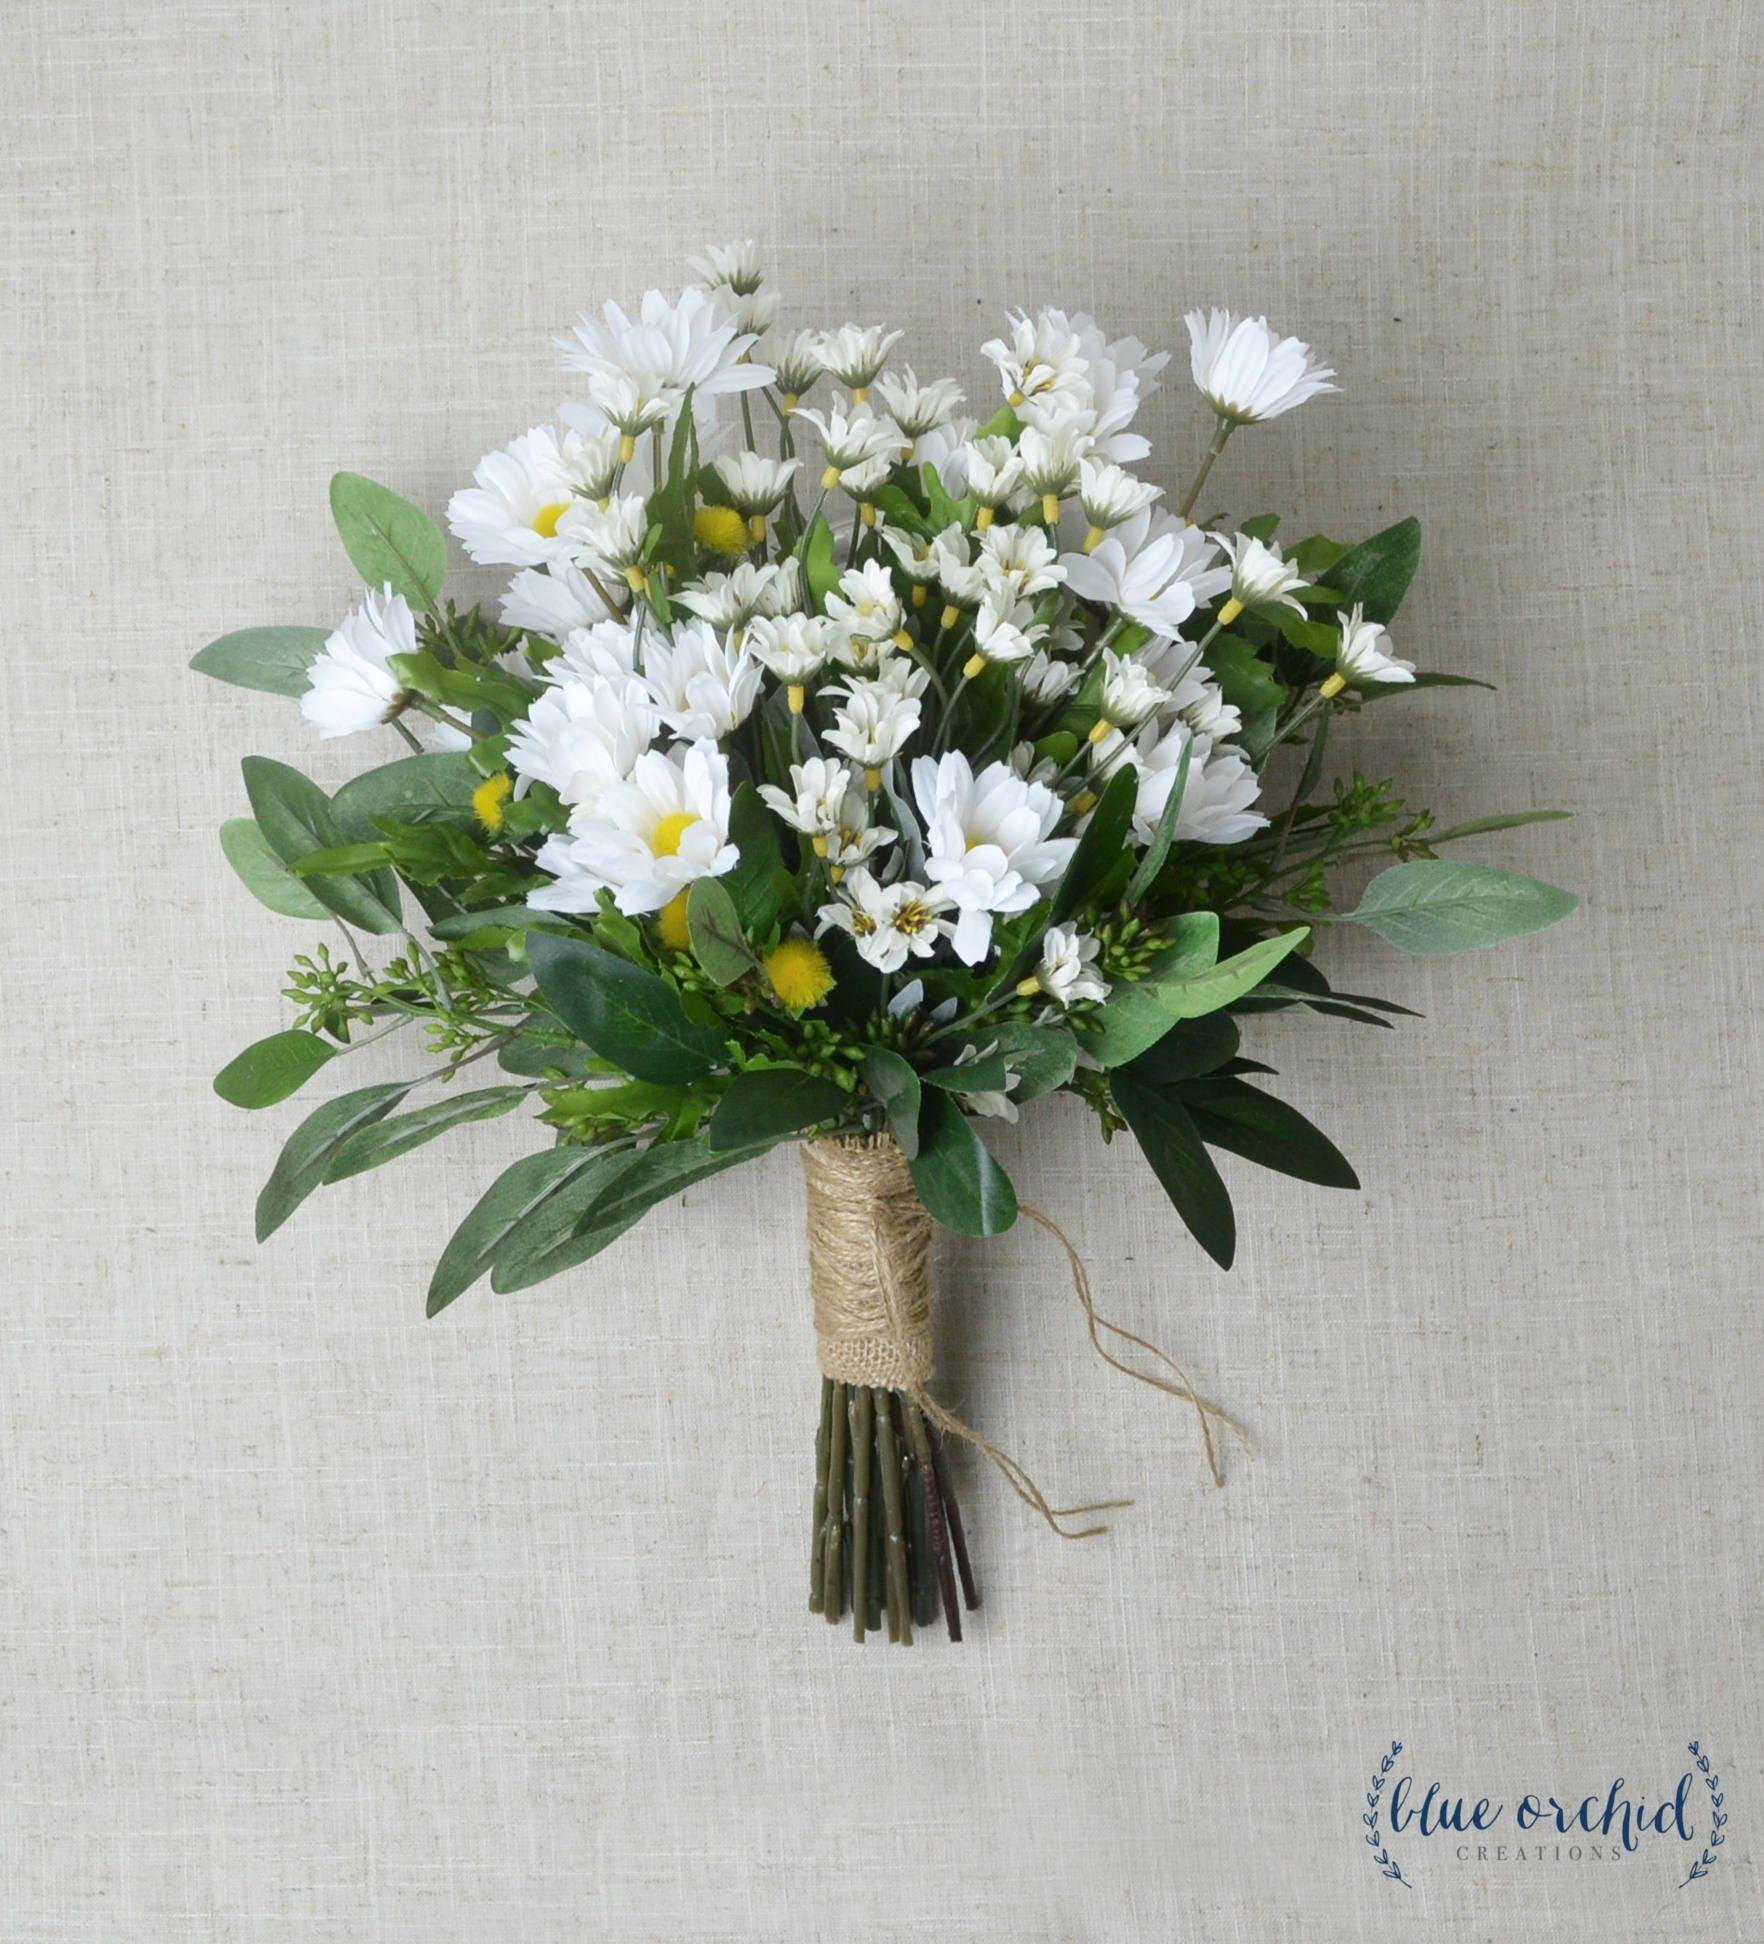 Скромный букет цветов фото, цветы интернет